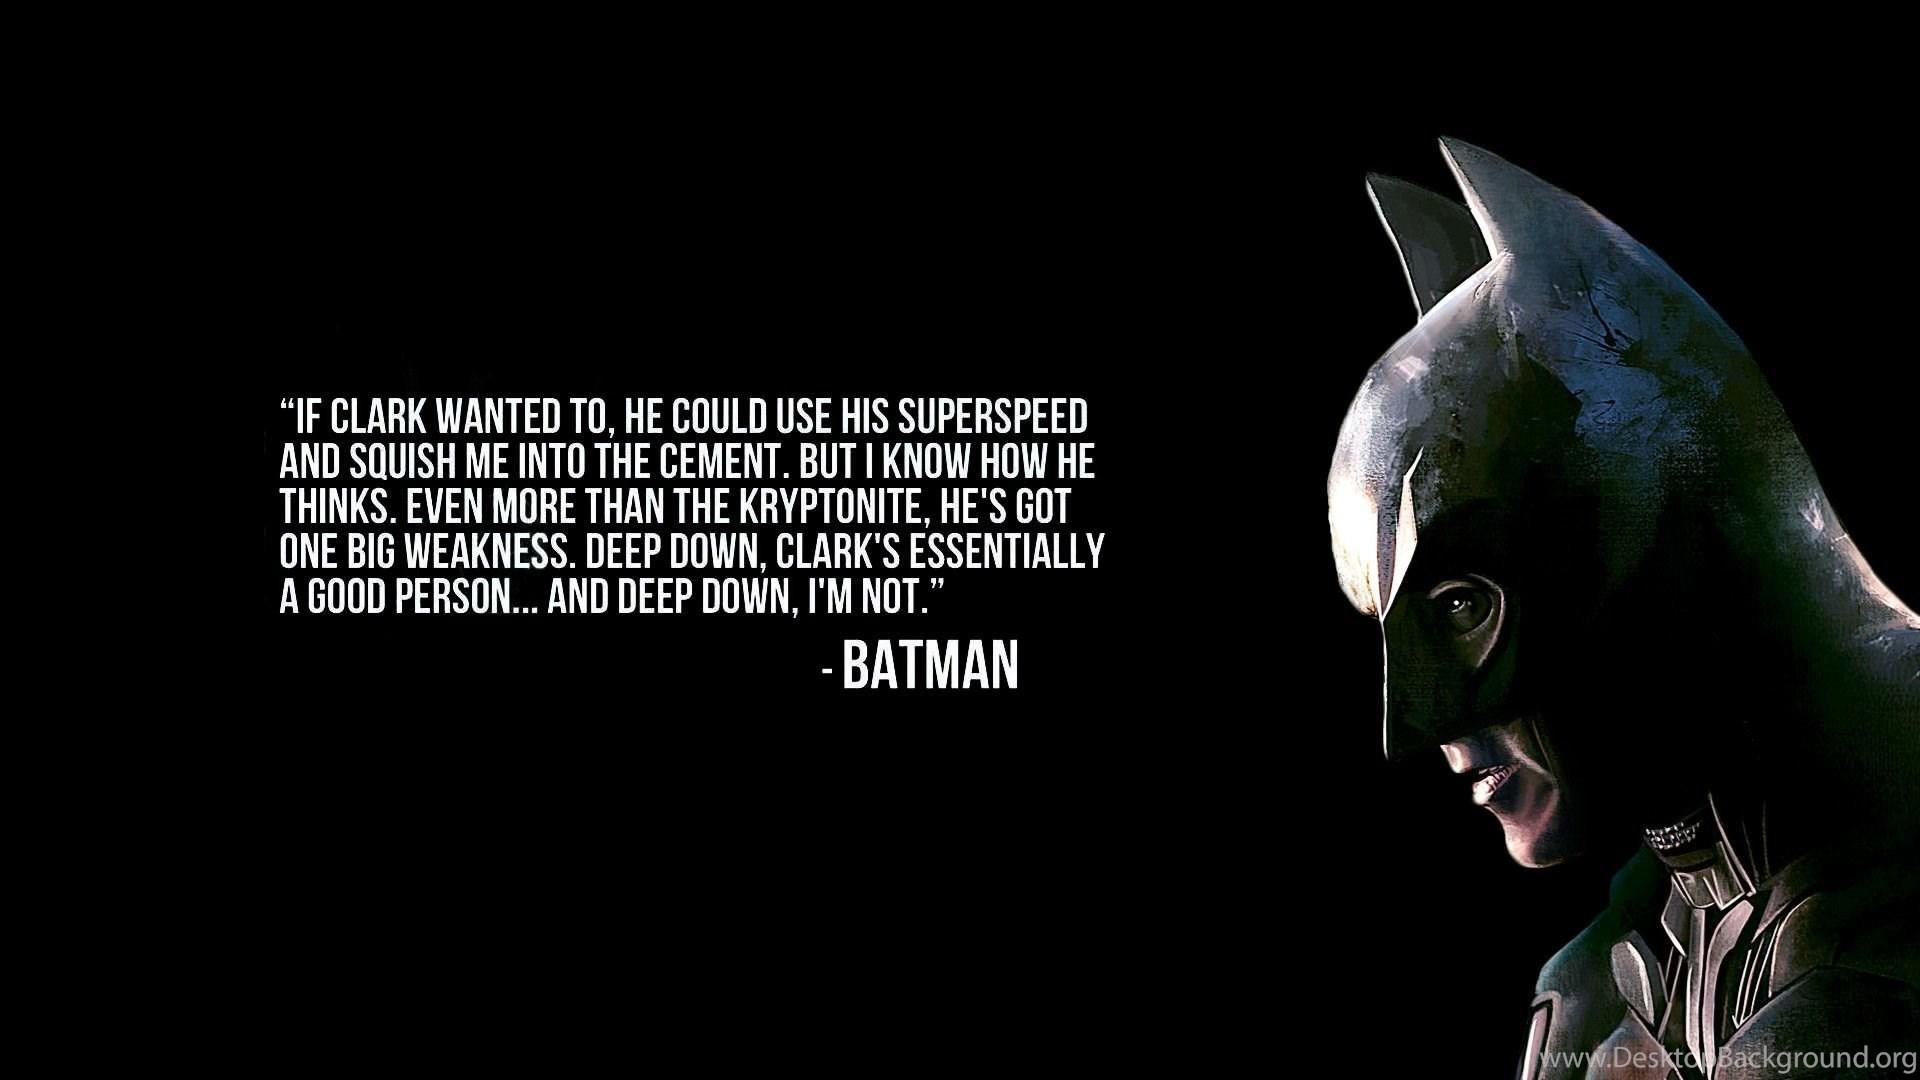 Batman Quote 1920x1080 Wallpapers Desktop Background